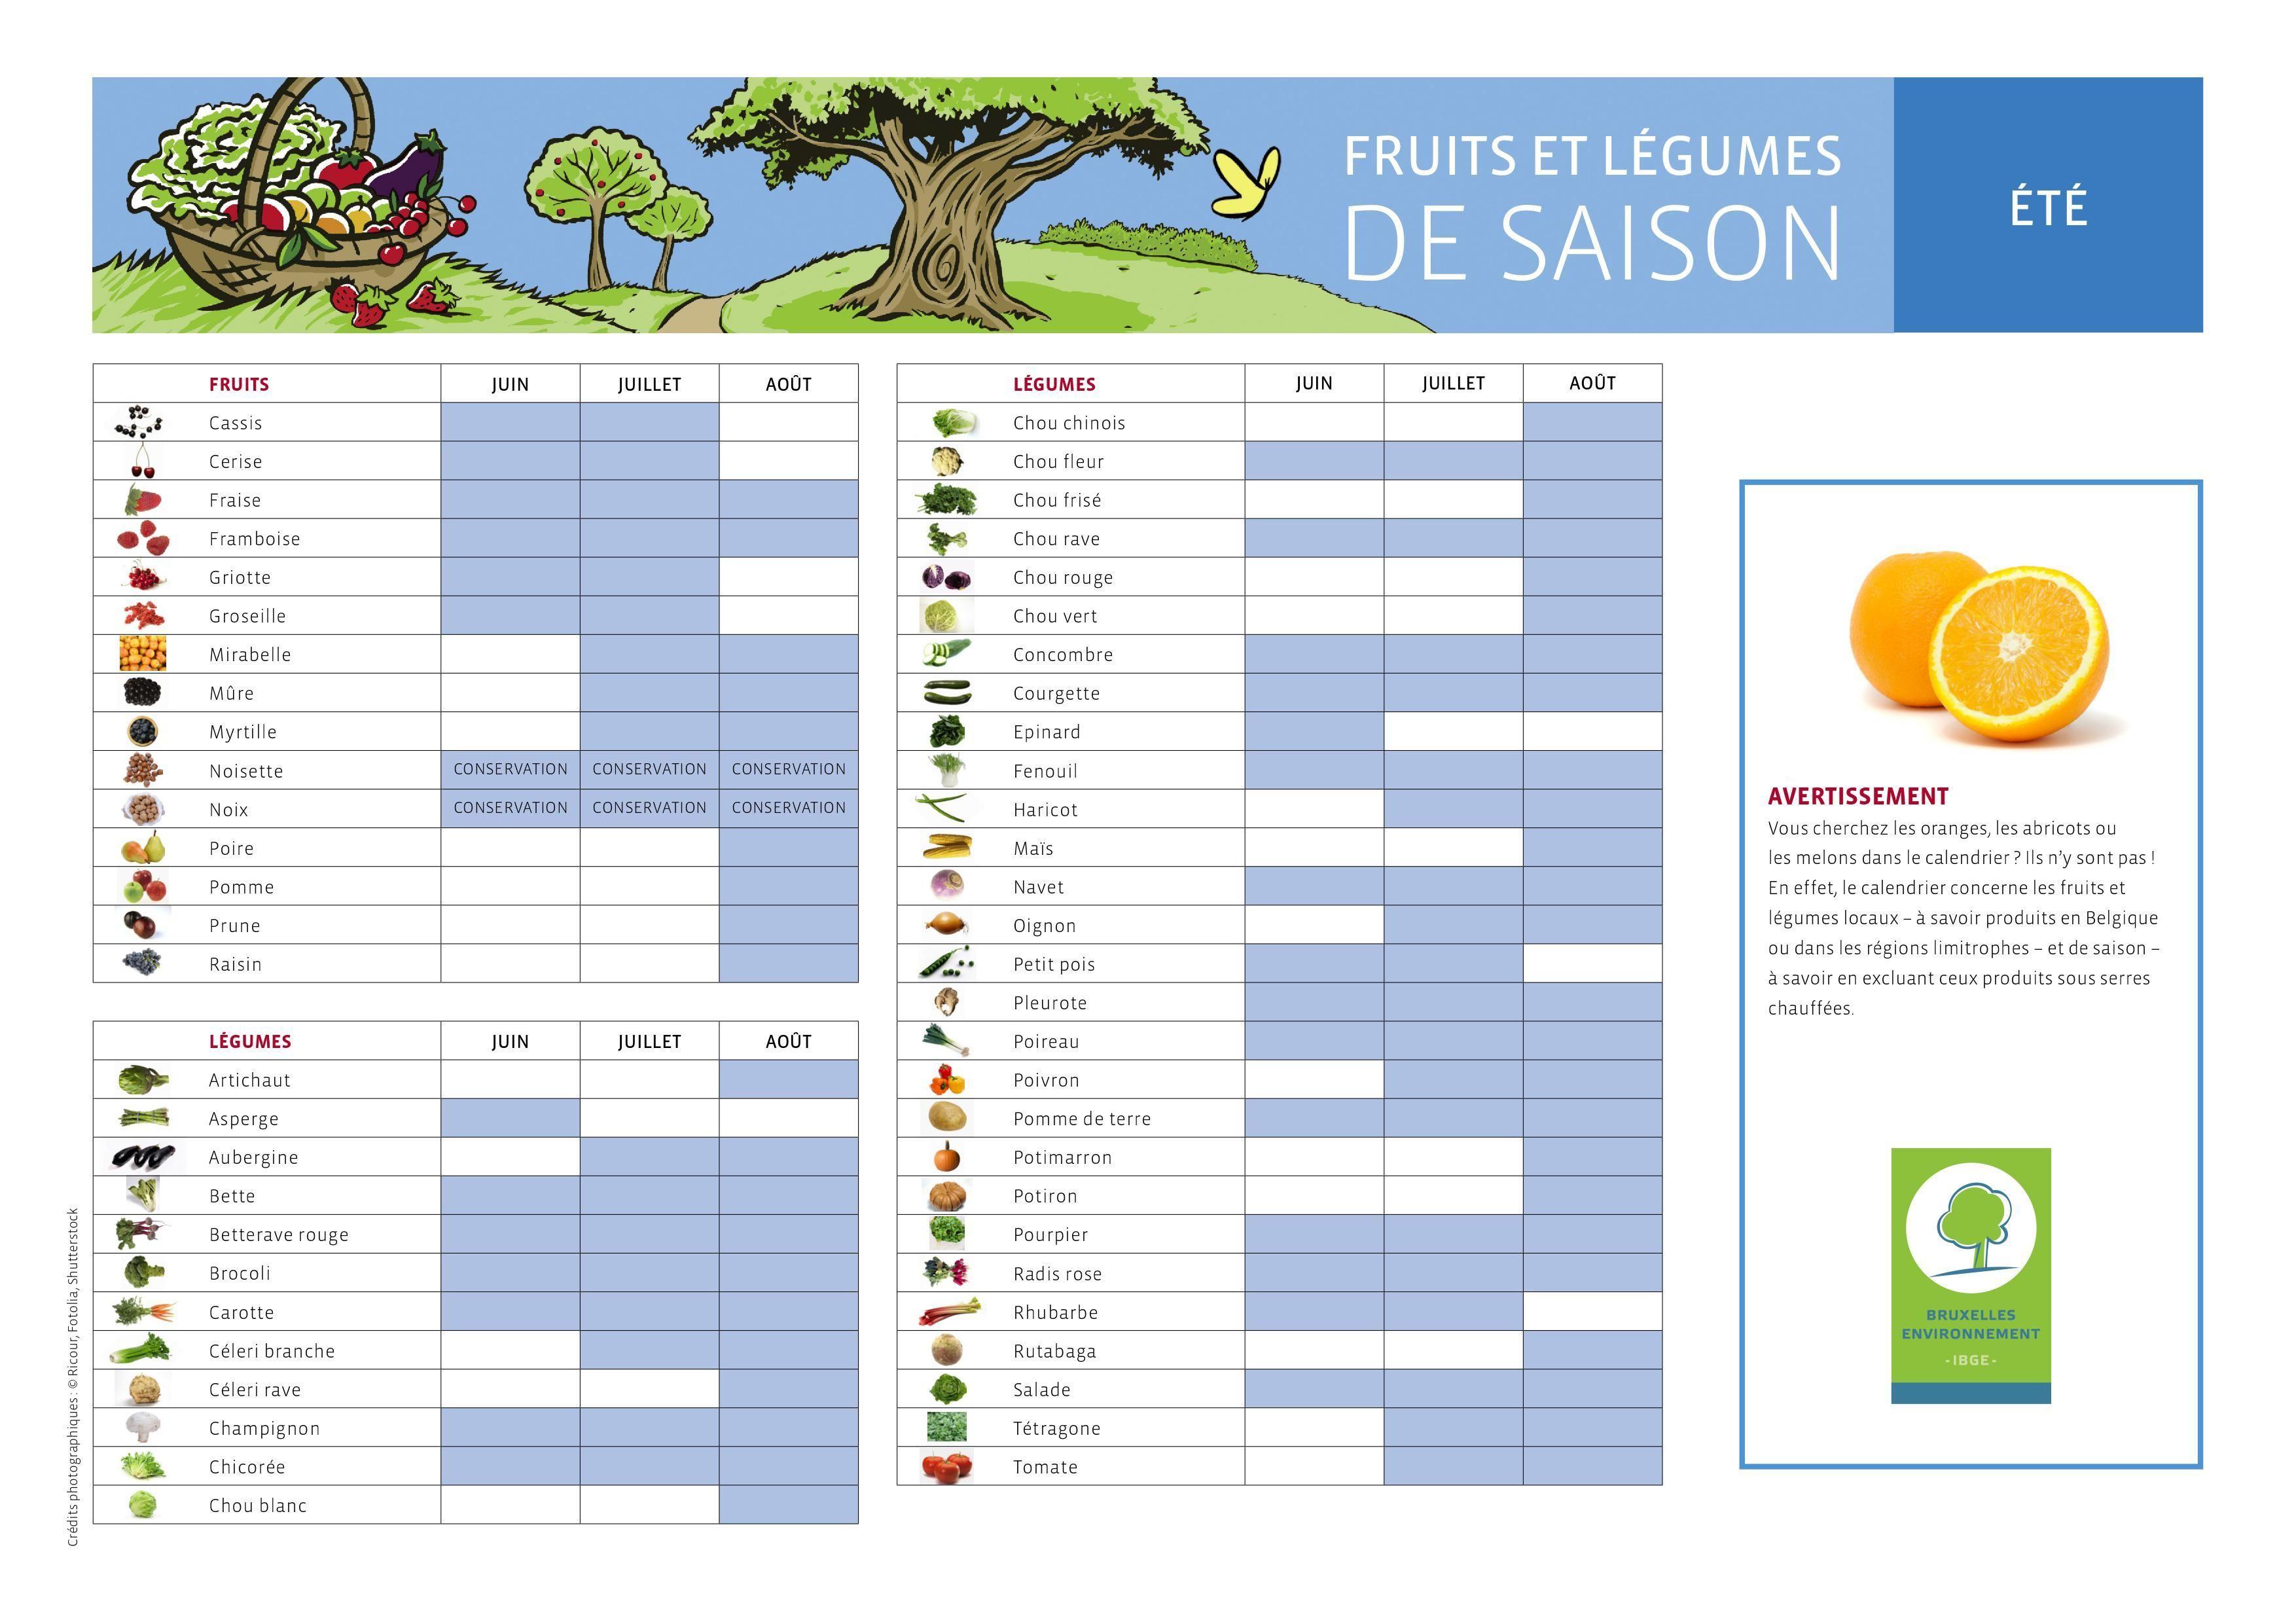 ecab408c314 le calendrier des fruits et légumes selon la saison en juin